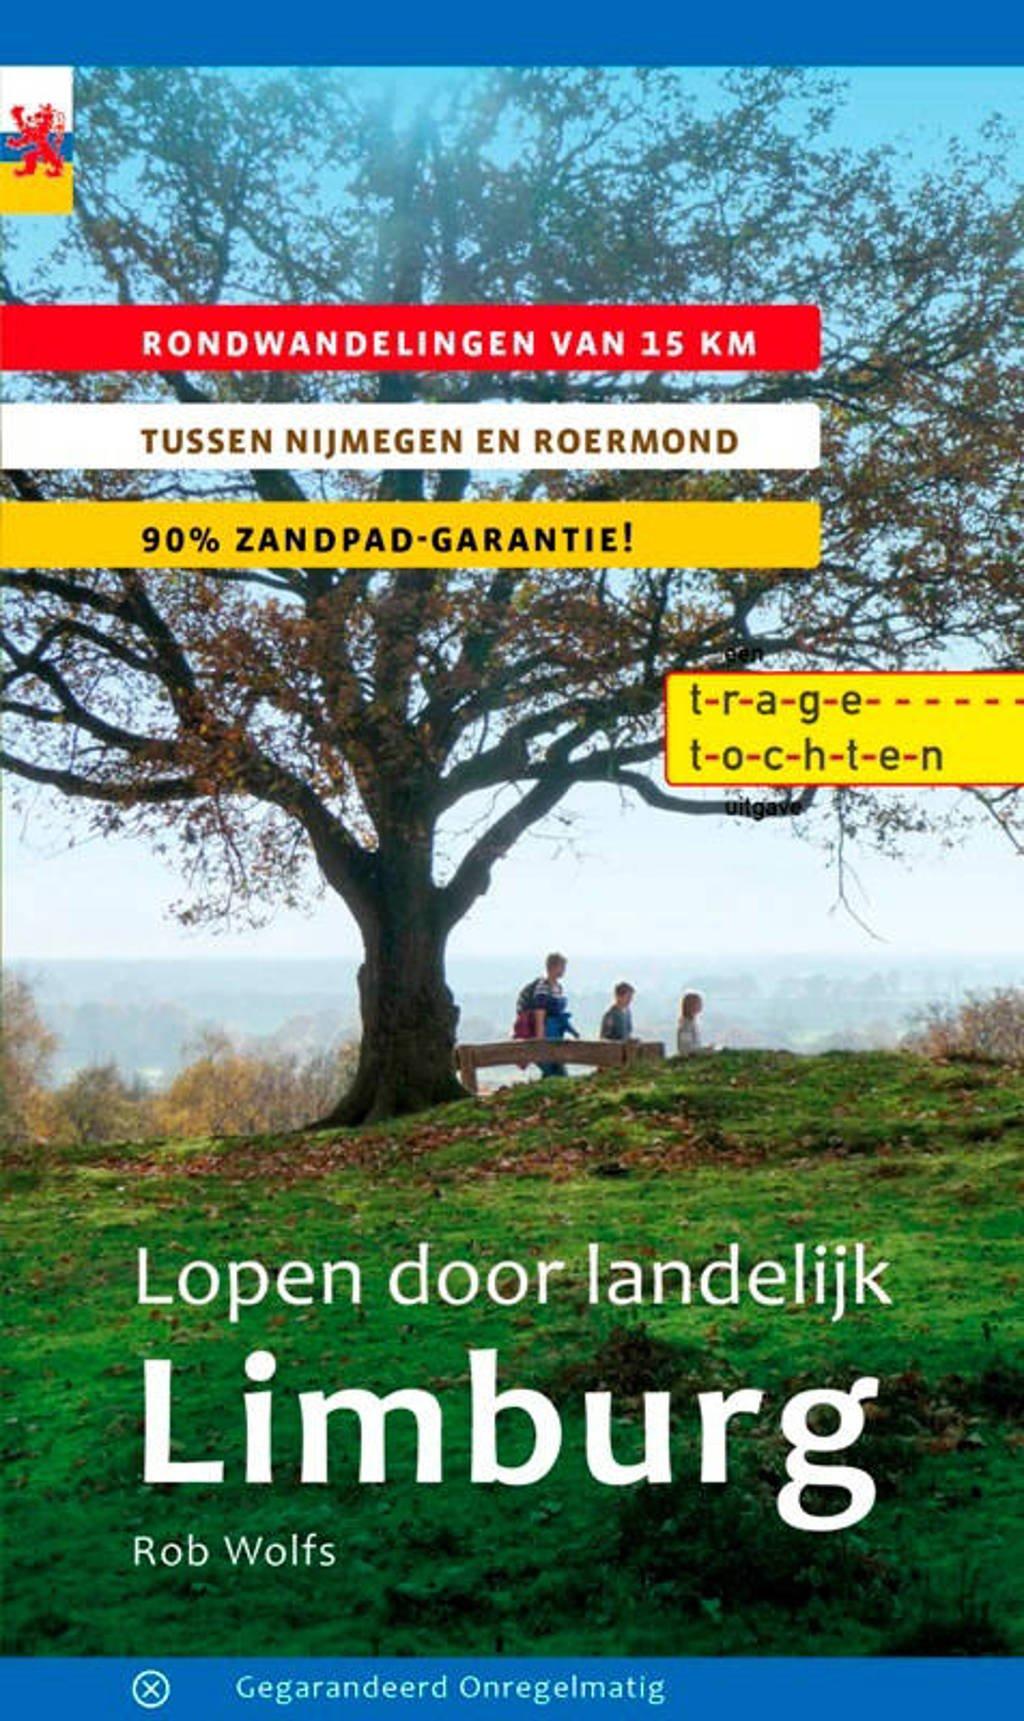 Lopen door landelijk Limburg - Rob Wolfs